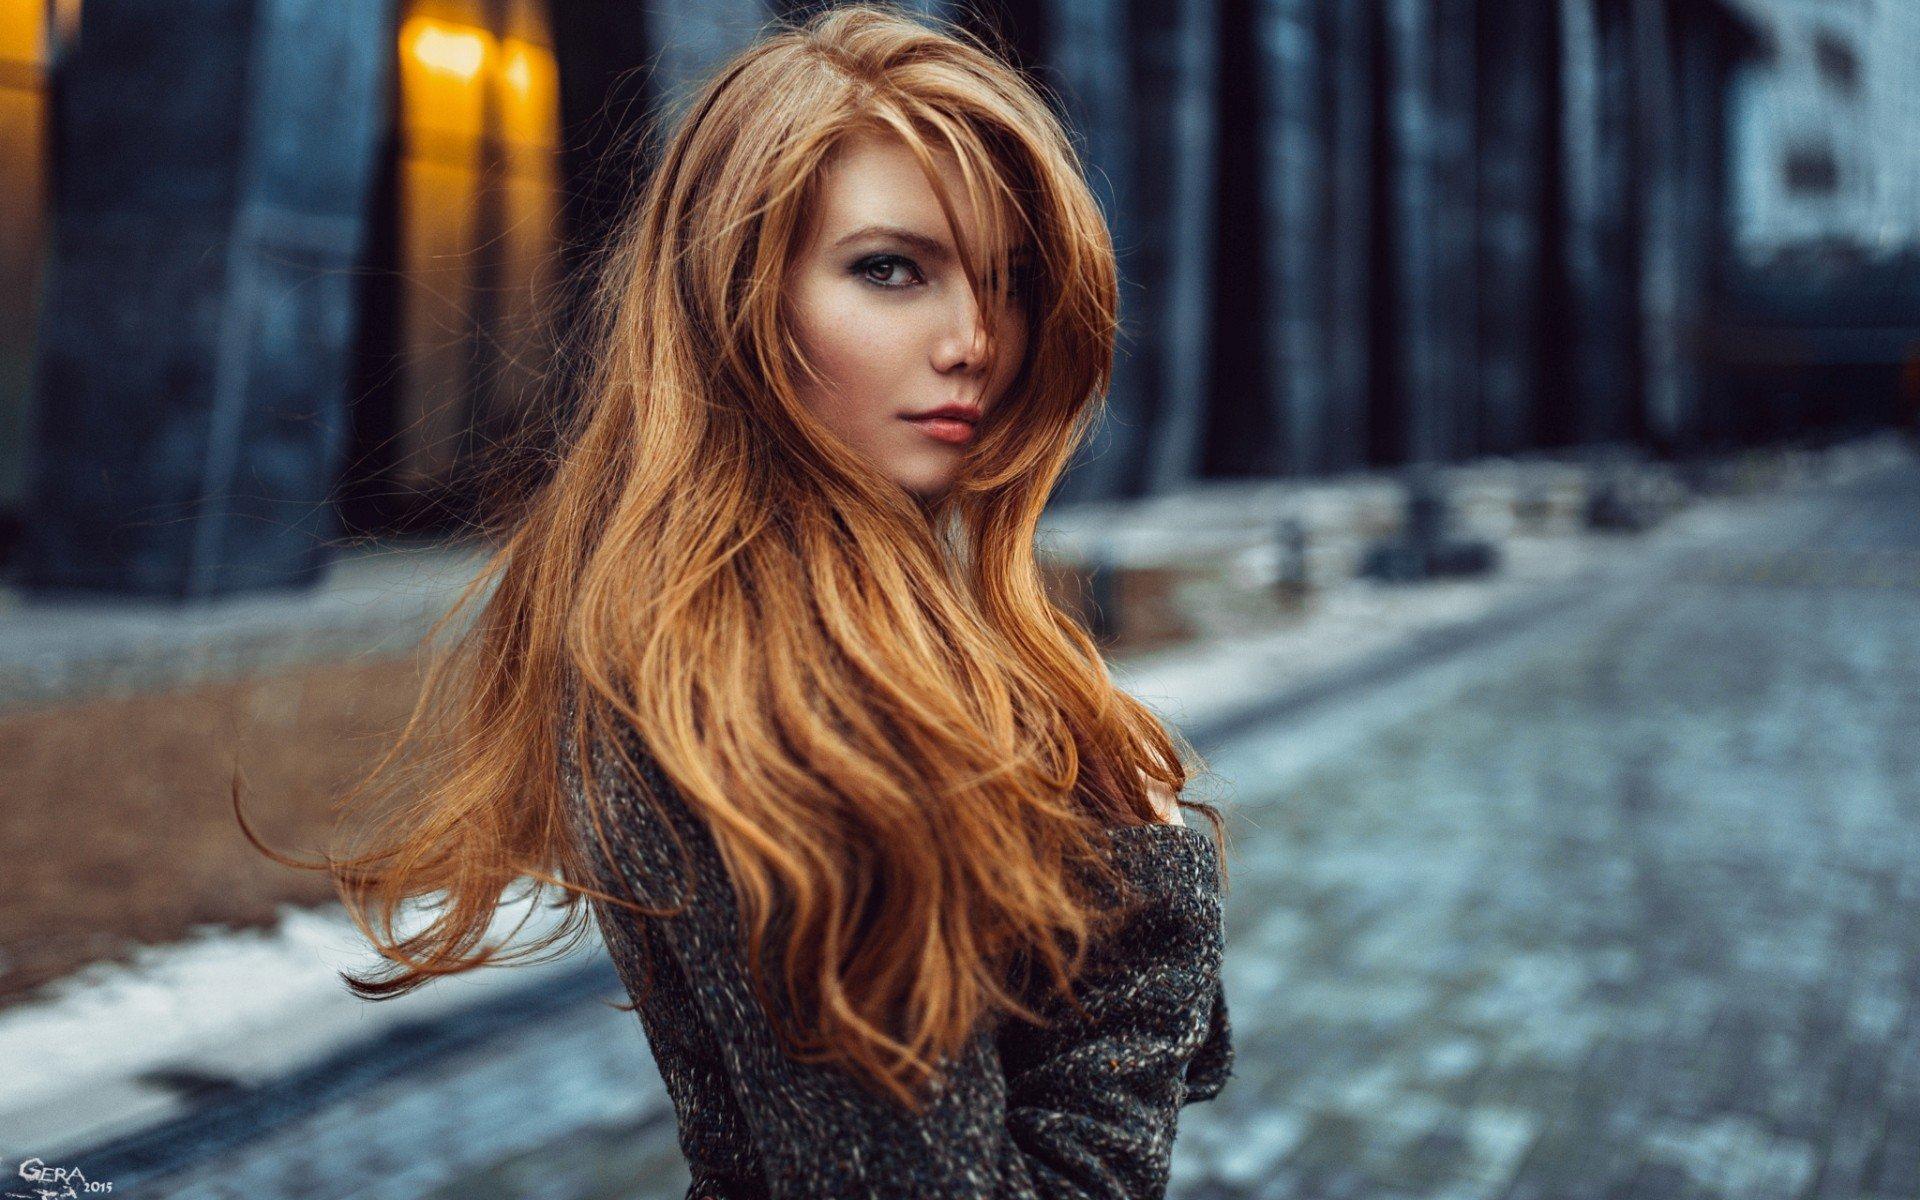 Wallpaper : face, model, city, long hair, glasses